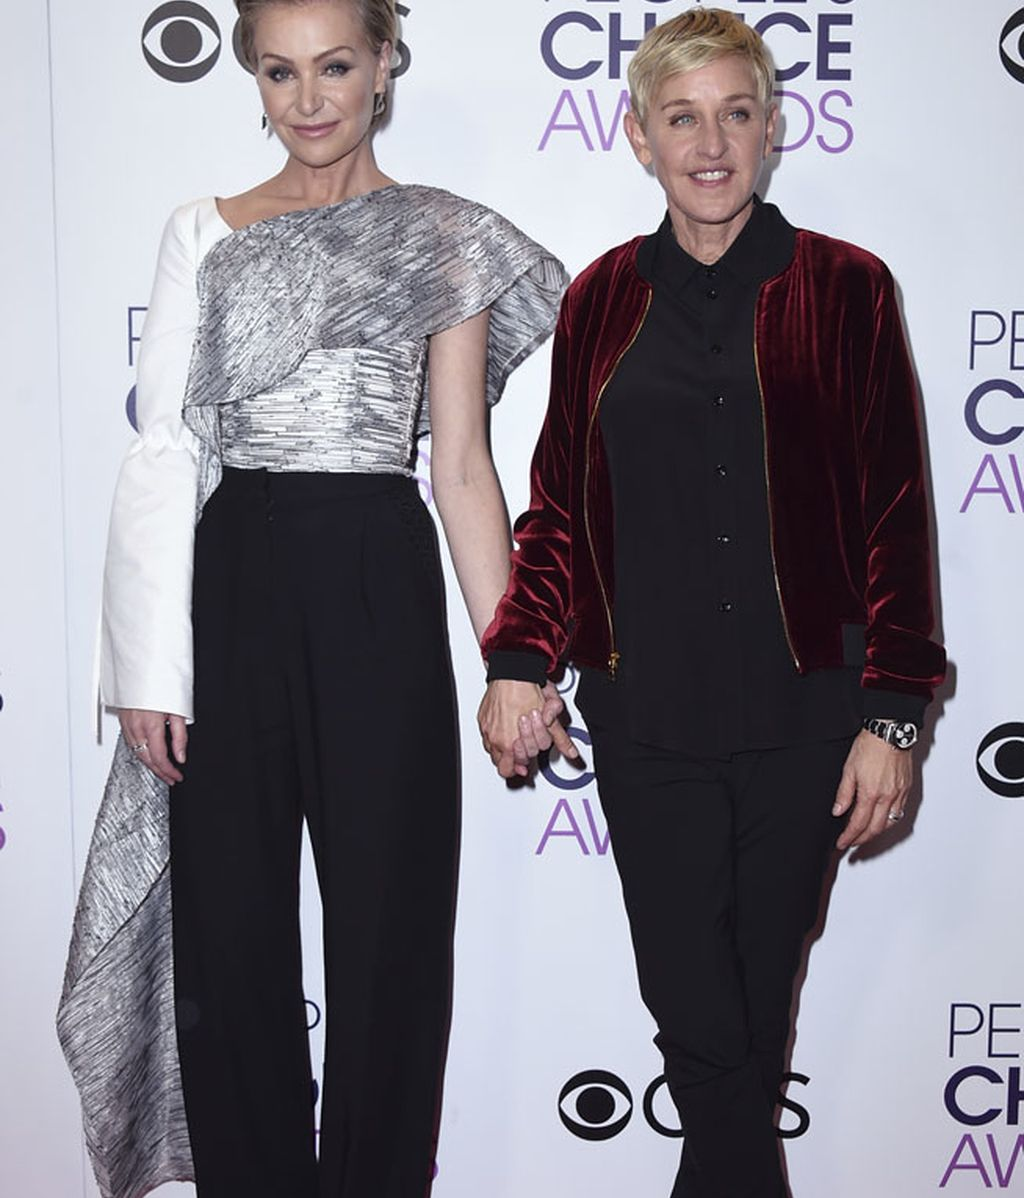 Ellen DeGeneres, acompañada de Portia de Rossi, fue la triunfadora de la noche